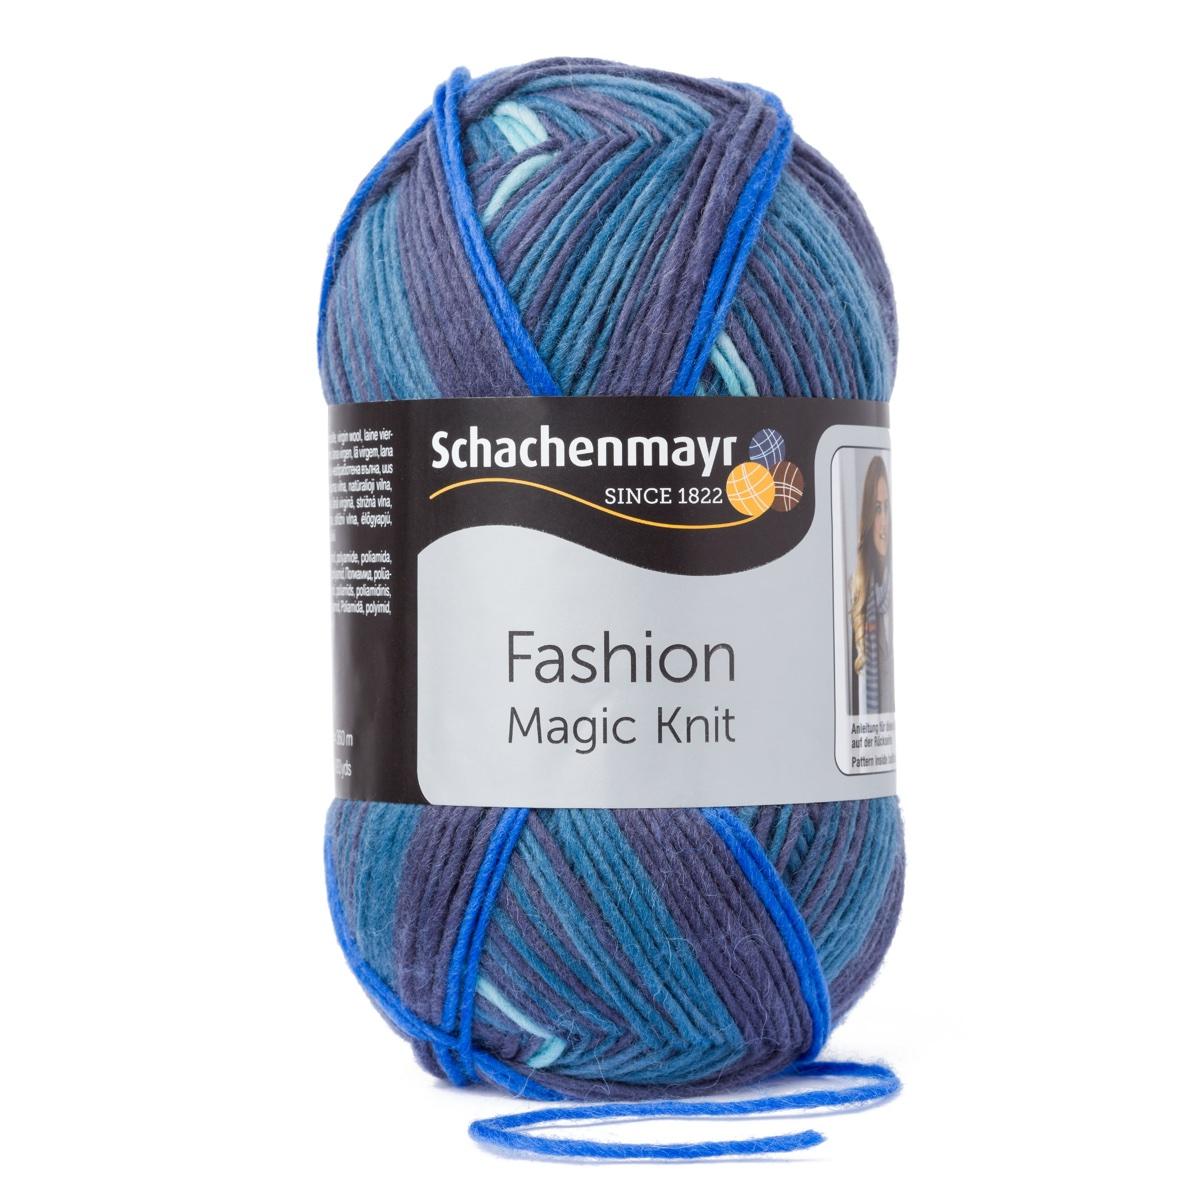 Schachenmayr Magic Knit